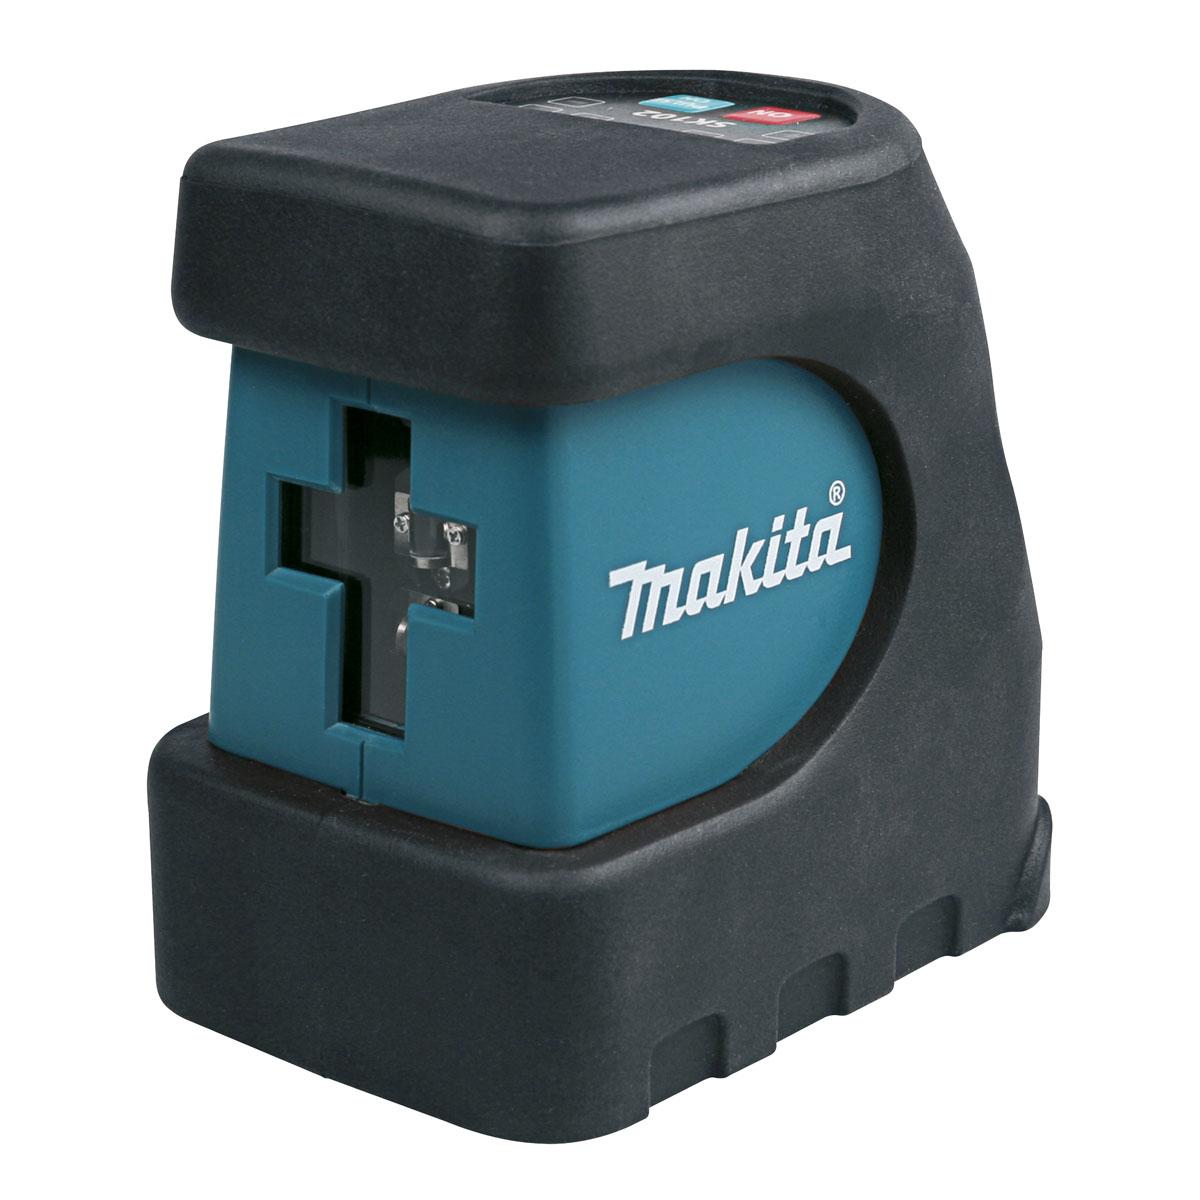 Лазерный уровень Makita SK102ZИзмерительные инструменты<br>- Возможность выбора включения горизонтального и вертикального луча, как по отдельности, так и вместе<br>- Рабочий диапазон 15 метров - при помощи детектора возможно увеличение зоны до 30 метров<br>- Функция выбора импульса возможна при помощи дополнительного аксессуара детектора<br>- Регулировка импульса позволяет уменьшать диапазон действия, а также сберегать энергию батарей.<br><br>Тип: Лазерный уровень<br>Класс лазера: 2<br>Диапазон измерений: 15 м<br>Точность измерений: 0,3 мм